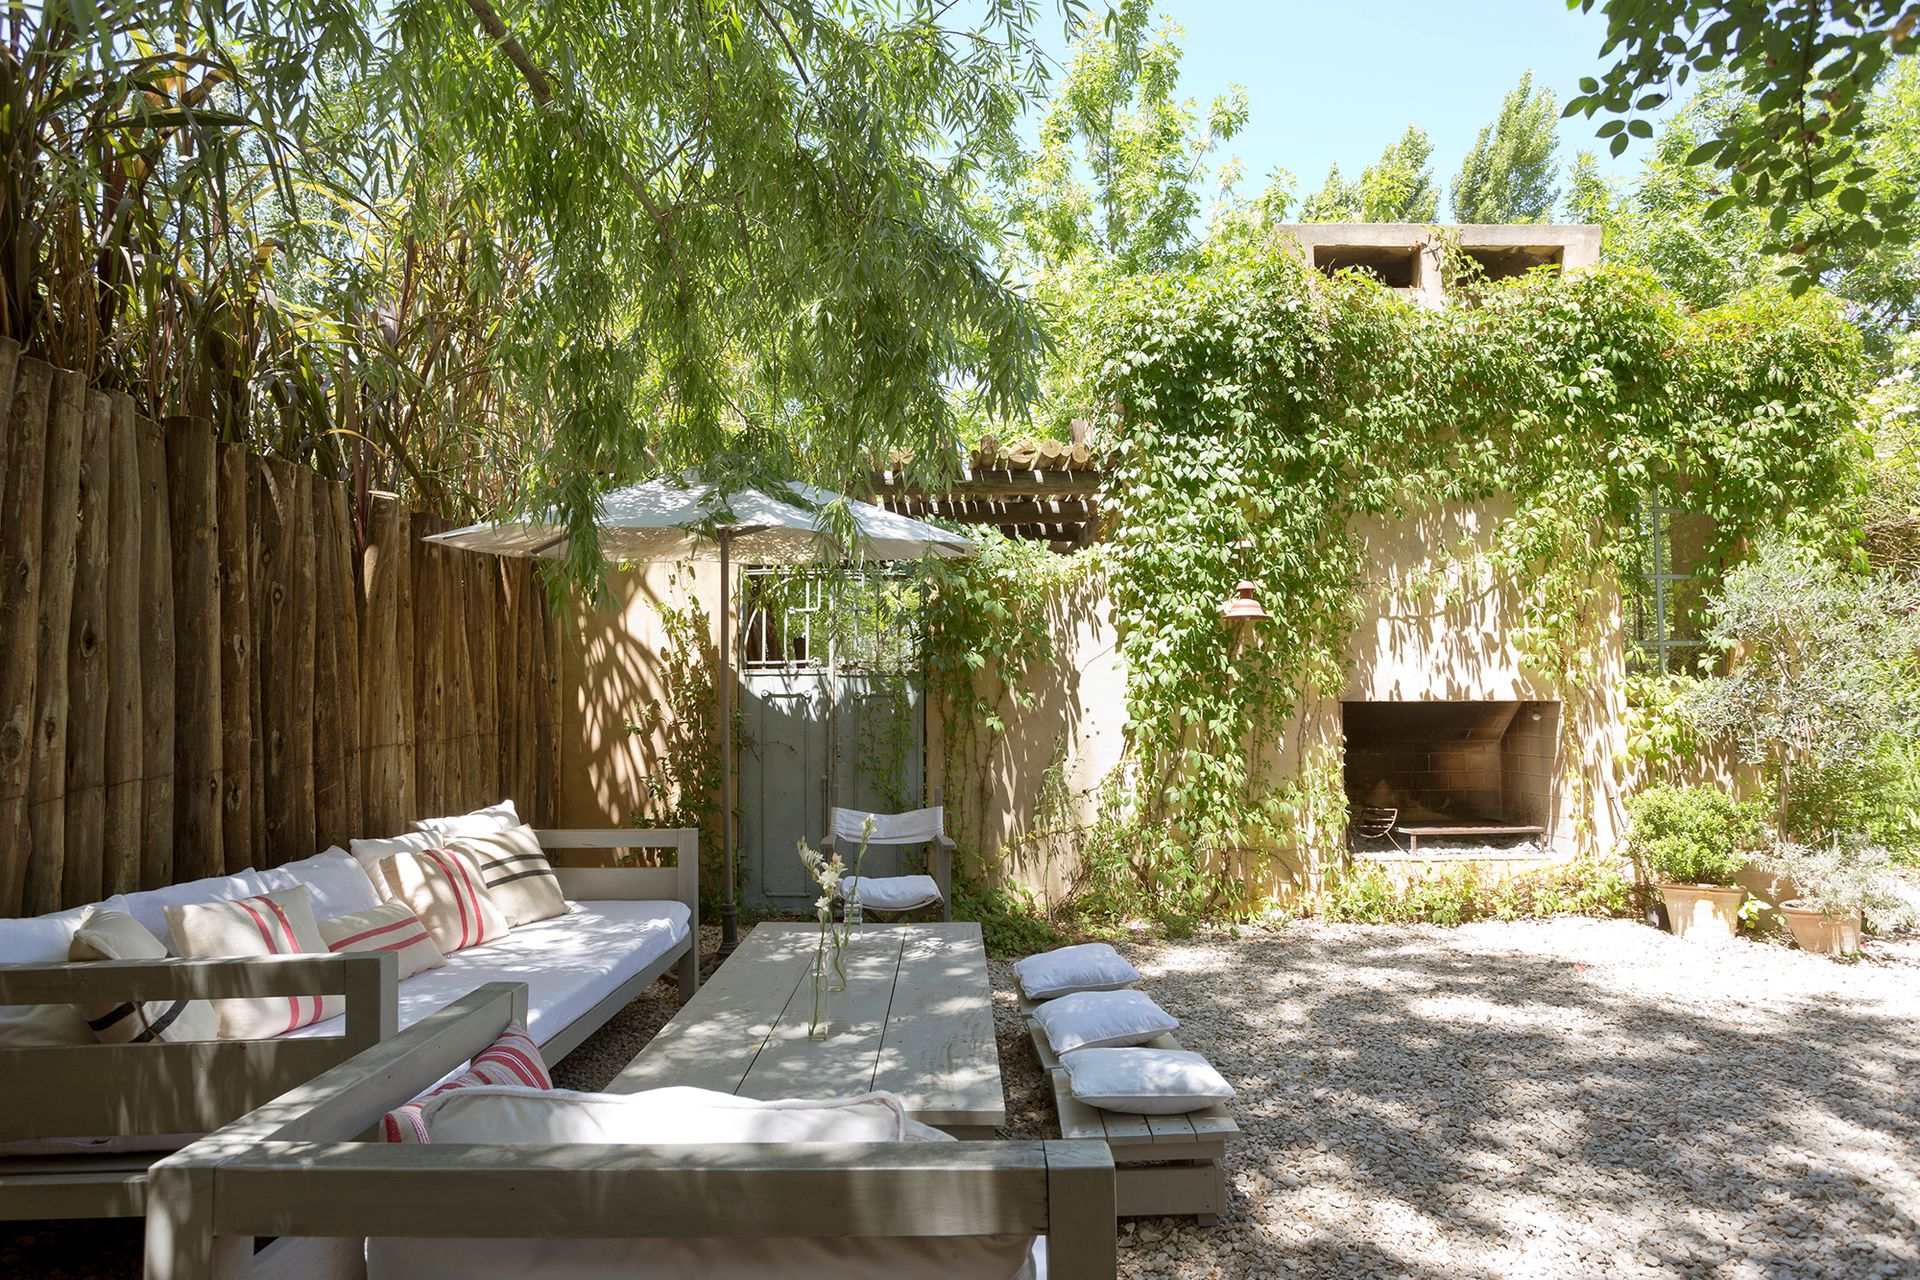 La mesa de este patio la hizo Luciano, el marido de Consuelo, con unos tablones de madera de anchico patinados luego en un tono gris pastel.